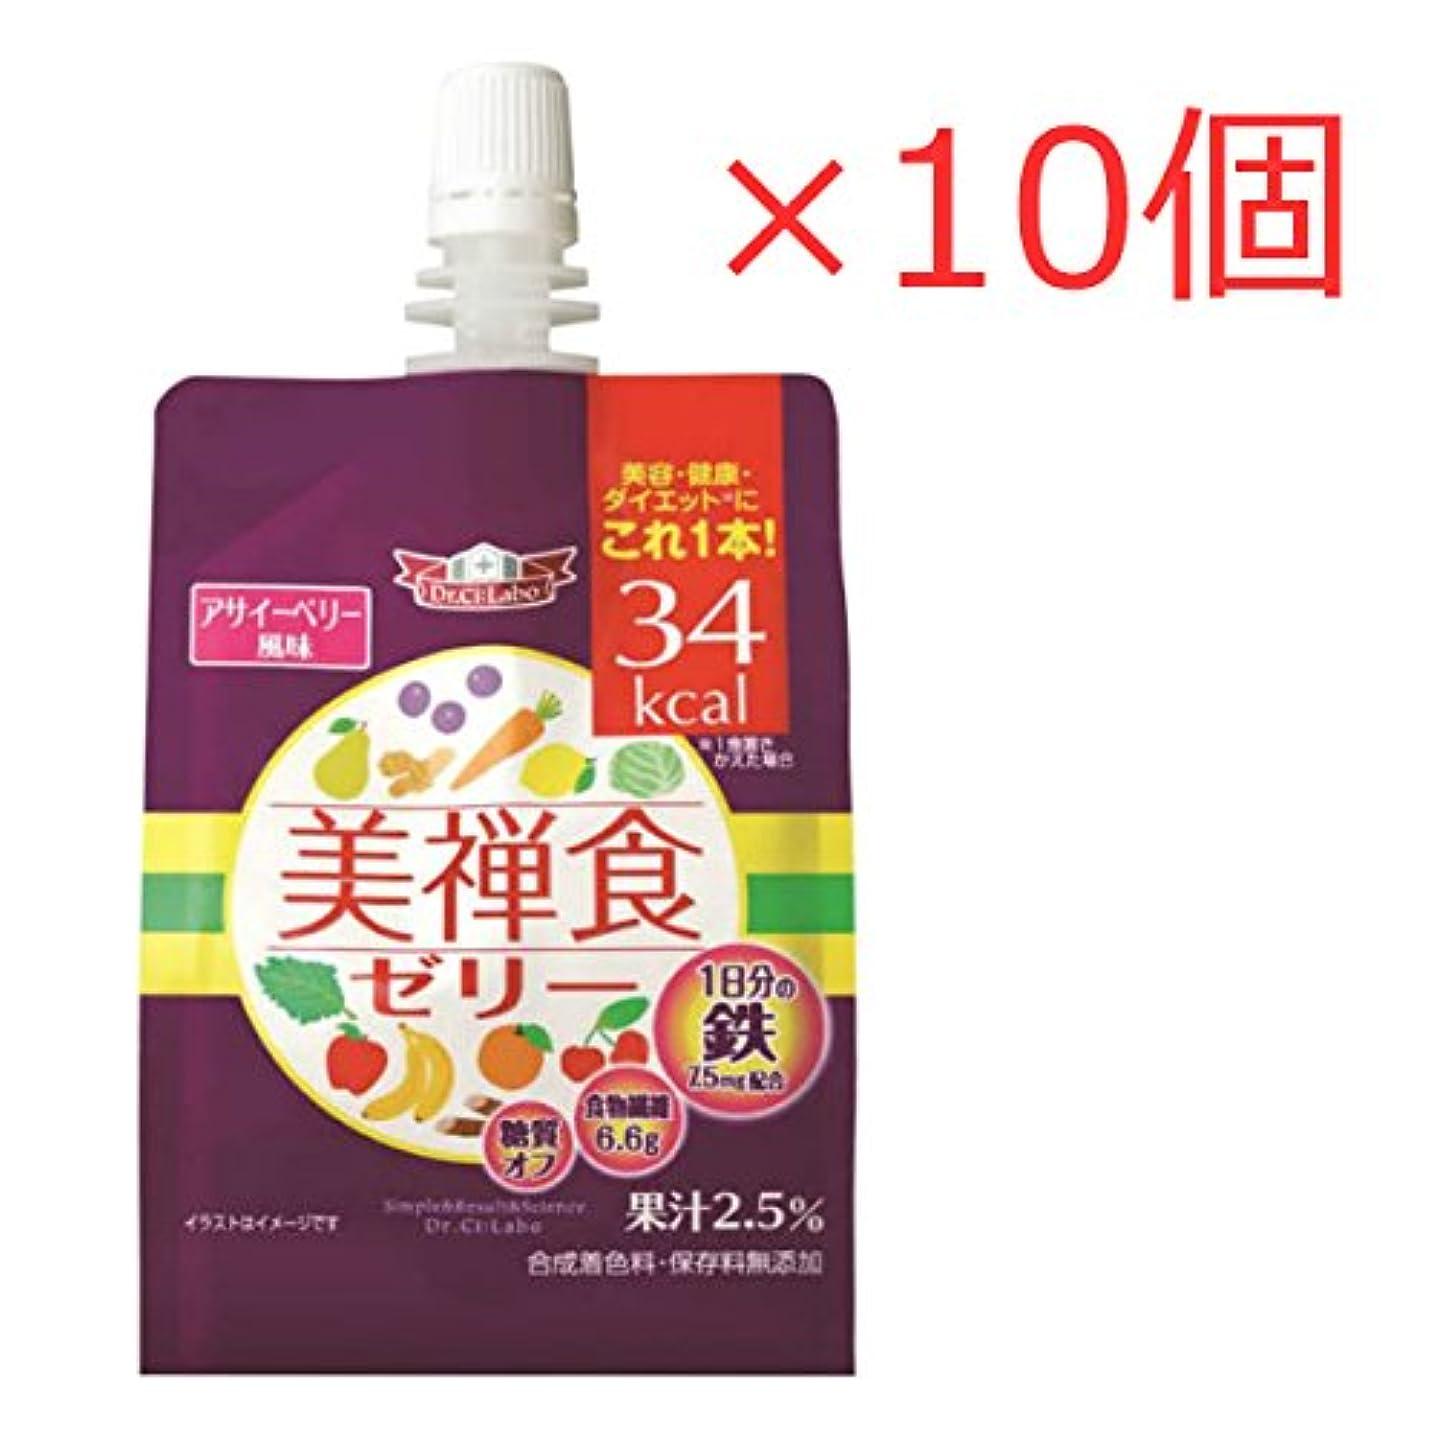 ハンディキャップ夜プロポーショナルドクターシーラボ 美禅食ゼリー (アサイーベリー風味) 200g×10個セット